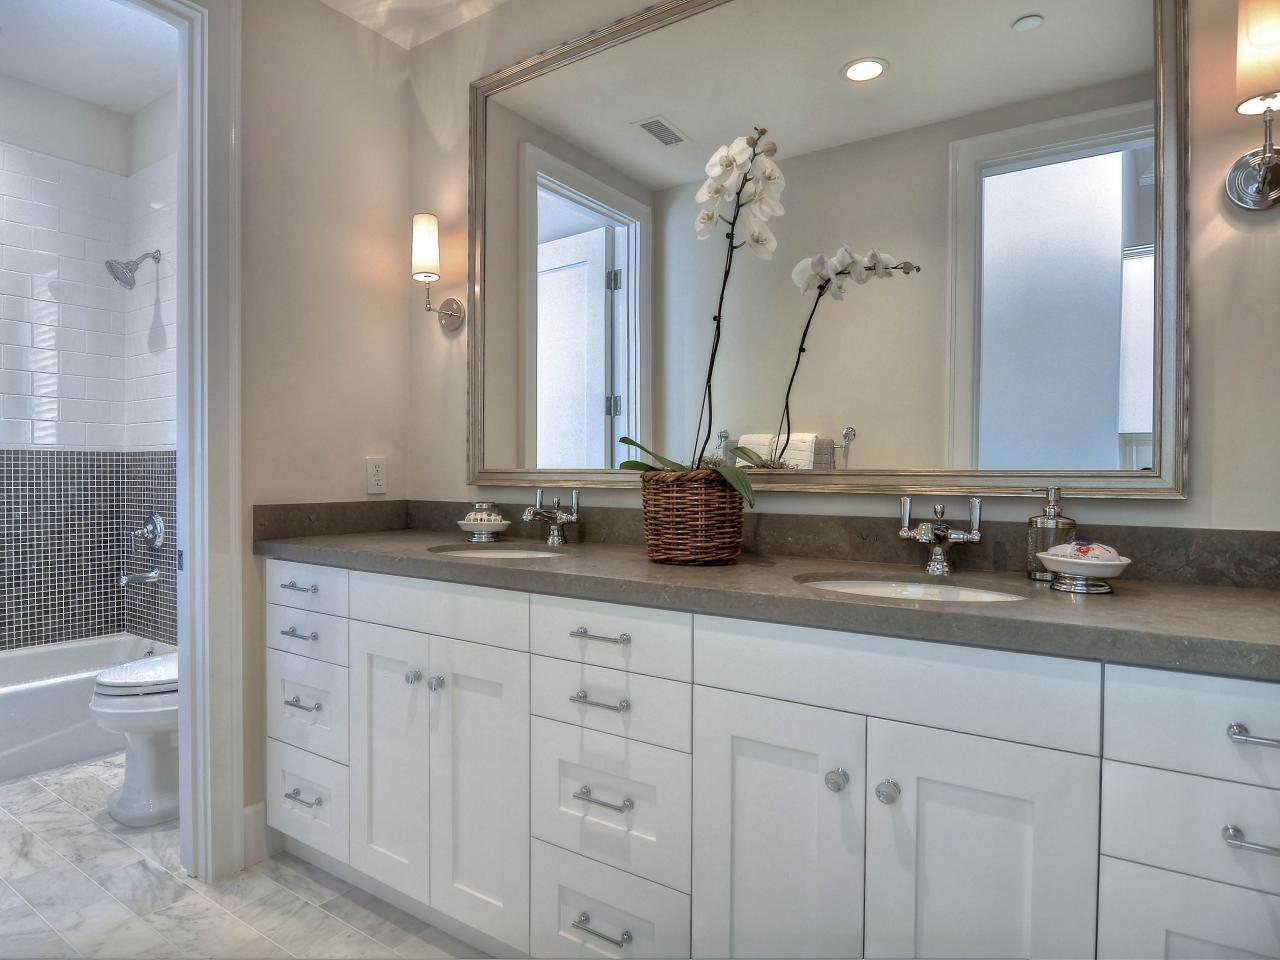 IKEA Bathroom Vanity In Modern Bathroom Remodels Granite Countertop Vanity  And Paint Color Schemes And Wall · Grey White BathroomsBathroom GrayWhite  ...